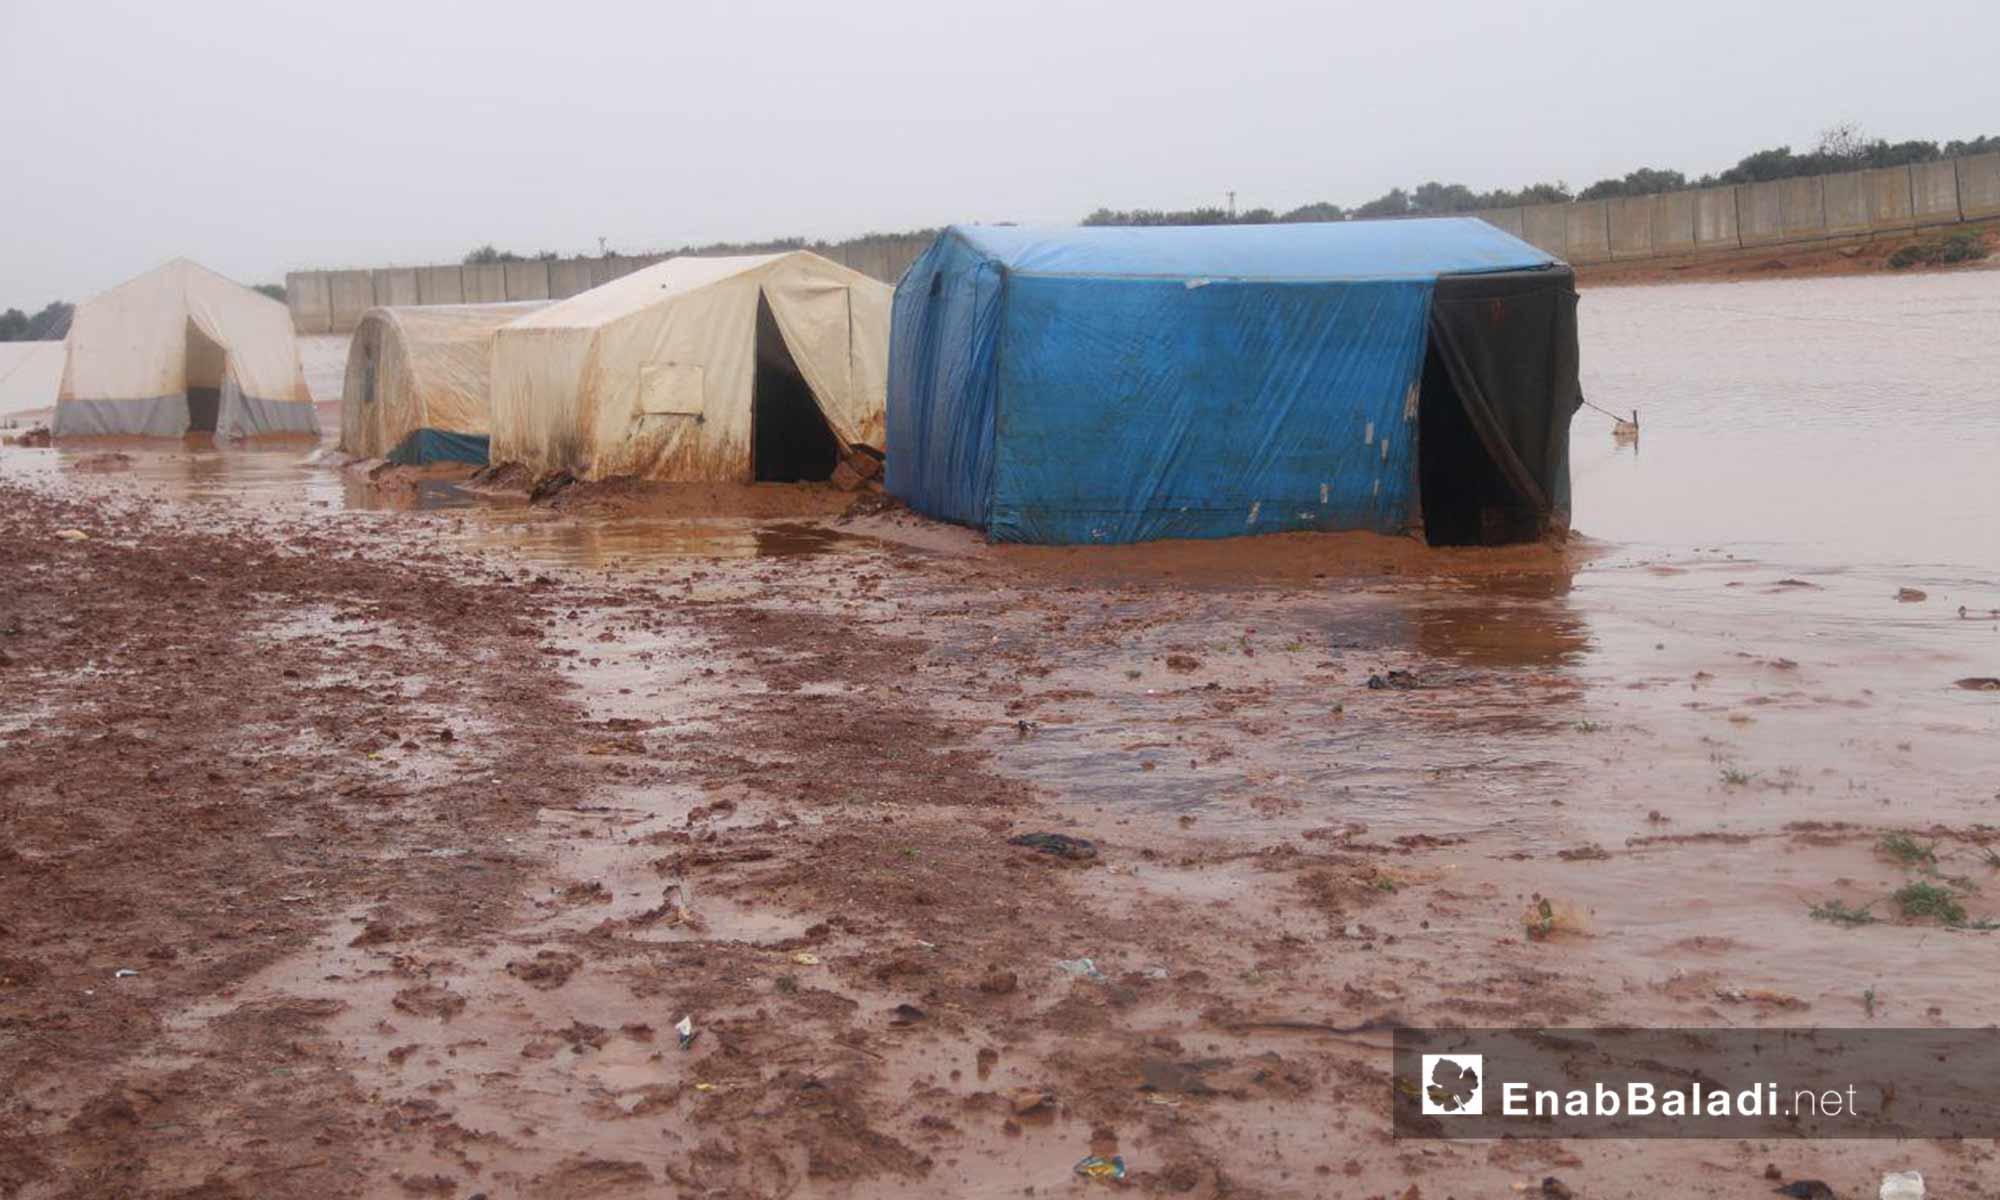 سيول ناجمة الأمطار الغزيرة تغرق مخيمات النازحين في شمالي إدلب 31 من آذار 2019 (عنب بلدي)